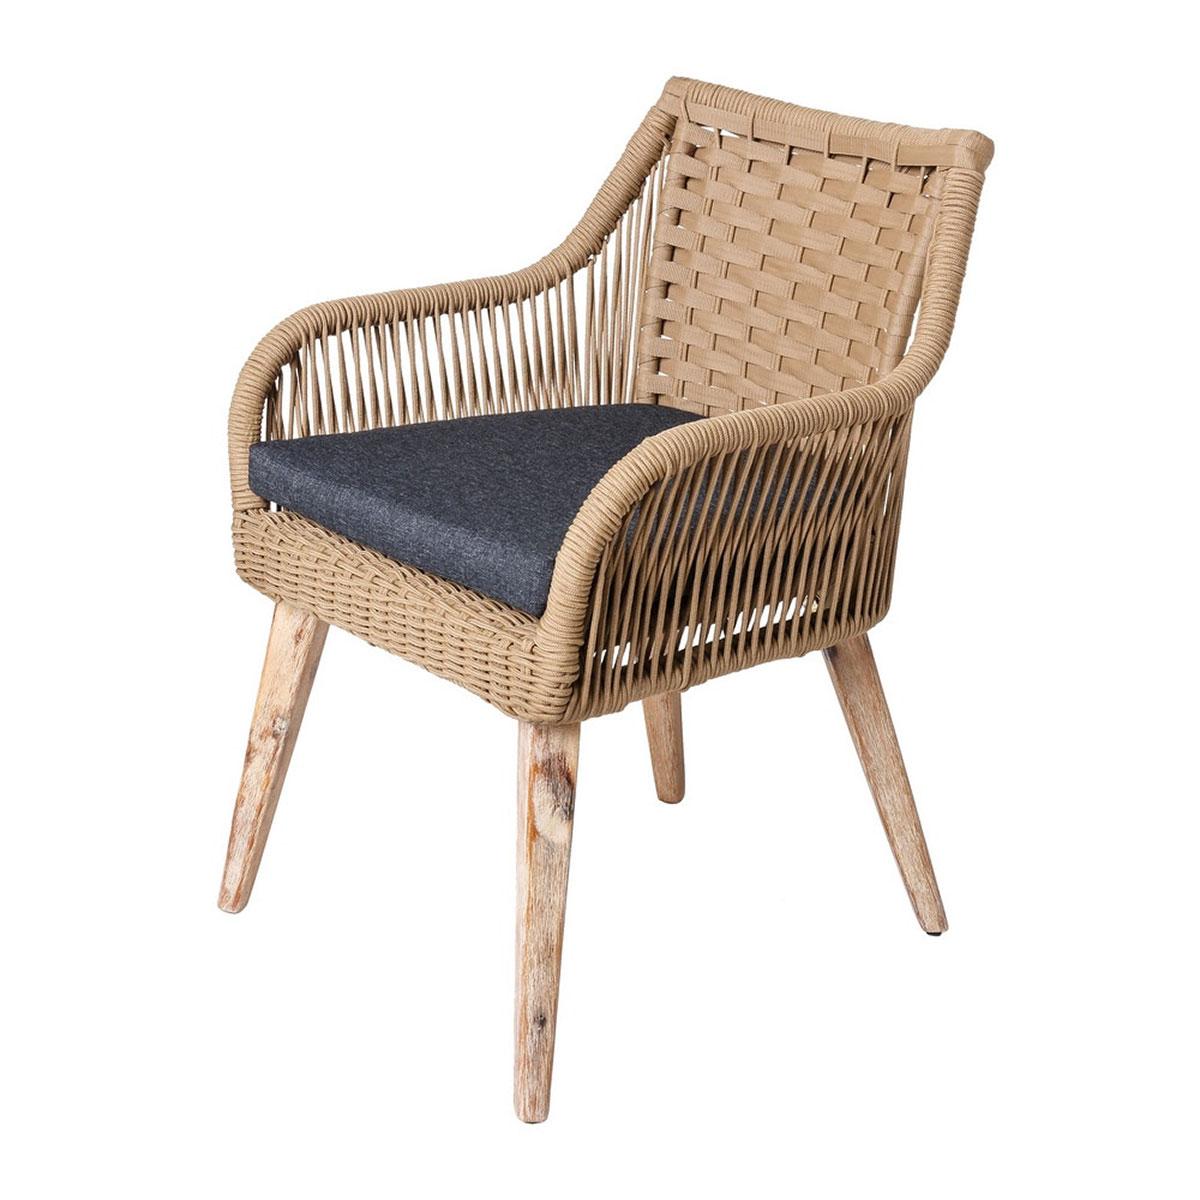 Lot de 4 chaises naturelles en corde et bois - Beige - 60.00 cm x 62.00 cm x 83.00 cm